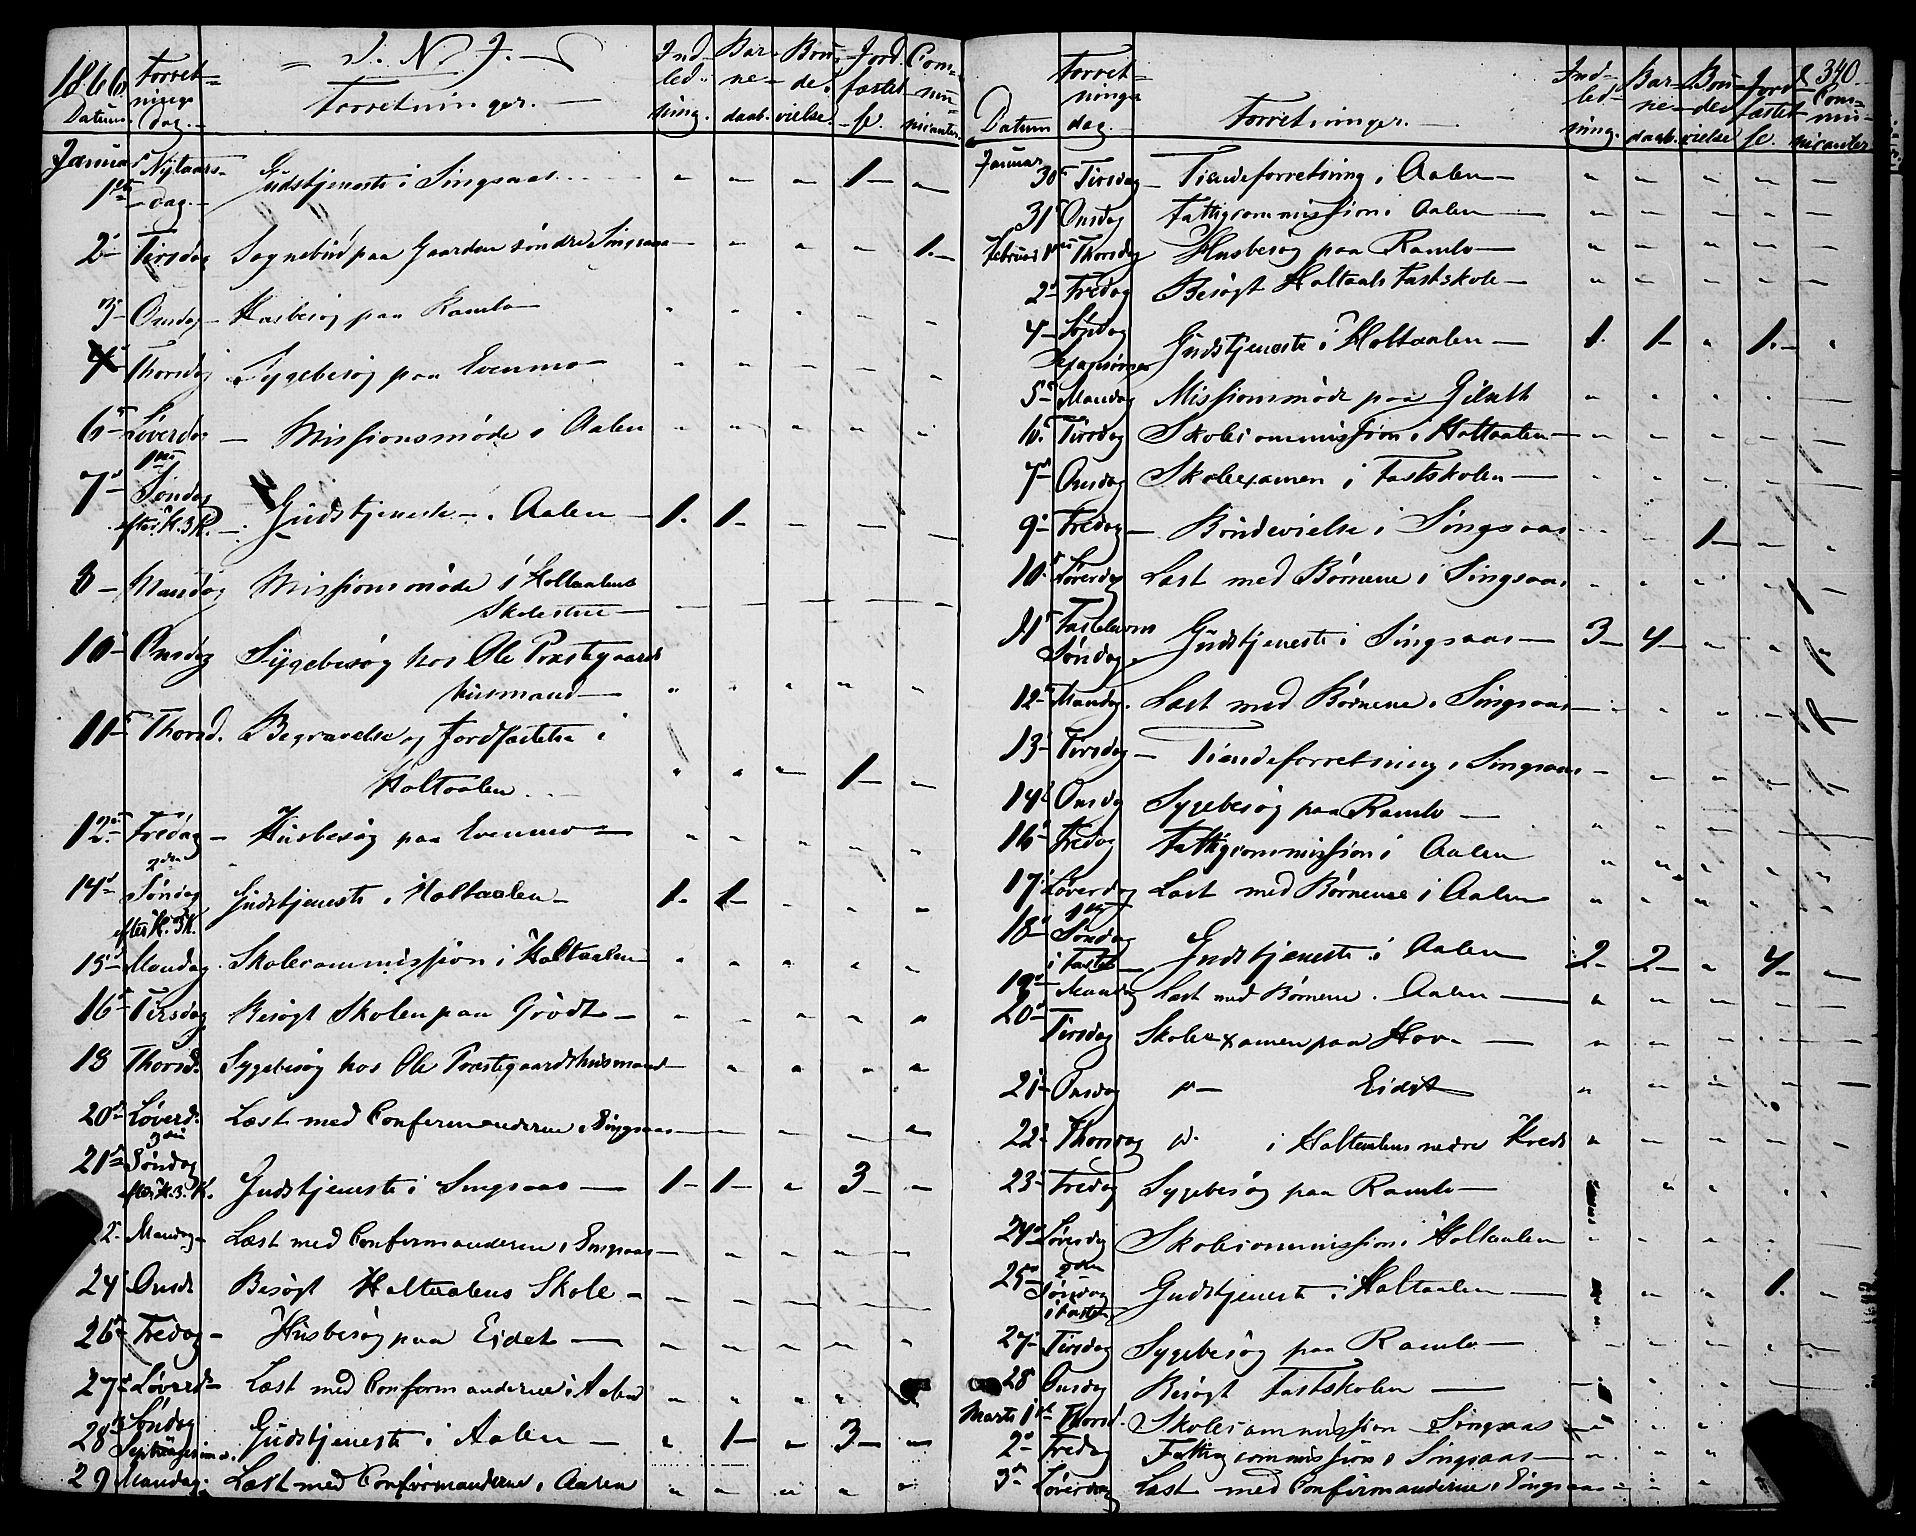 SAT, Ministerialprotokoller, klokkerbøker og fødselsregistre - Sør-Trøndelag, 685/L0966: Ministerialbok nr. 685A07 /1, 1860-1869, s. 340